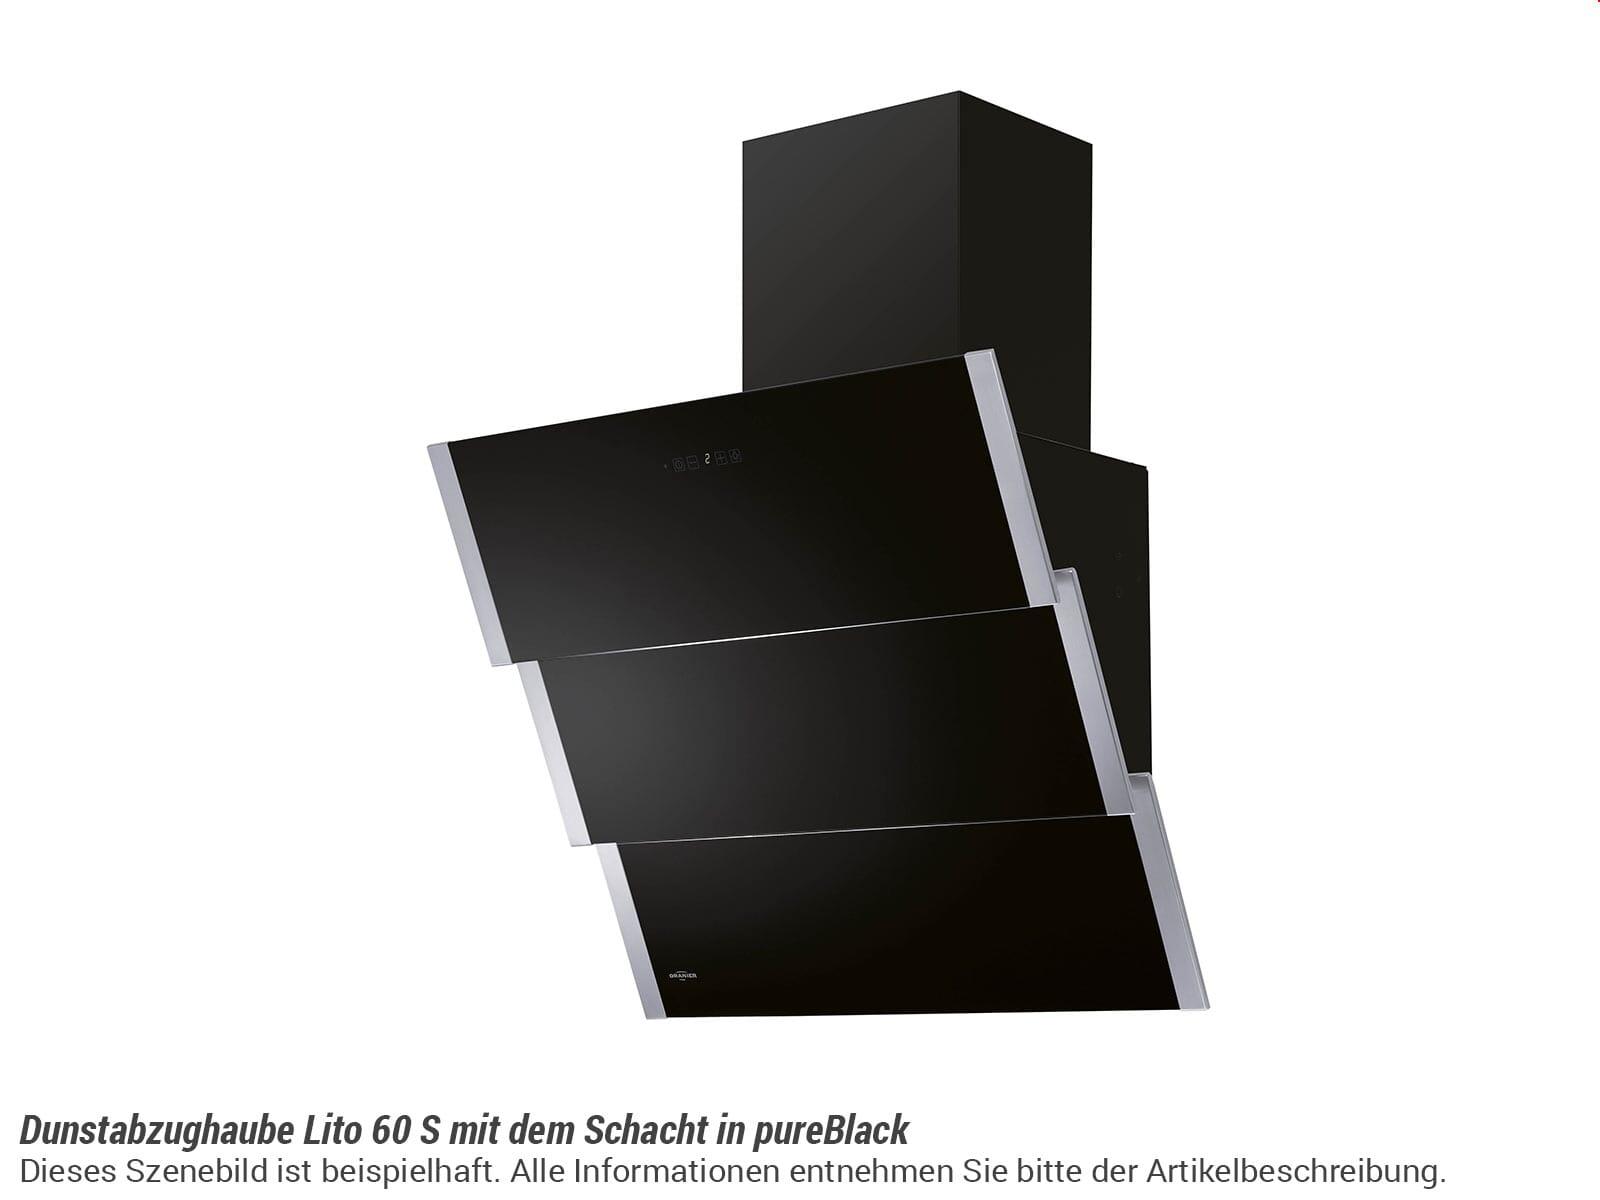 Oranier 9209 14 Schacht pureBlack Schwarz